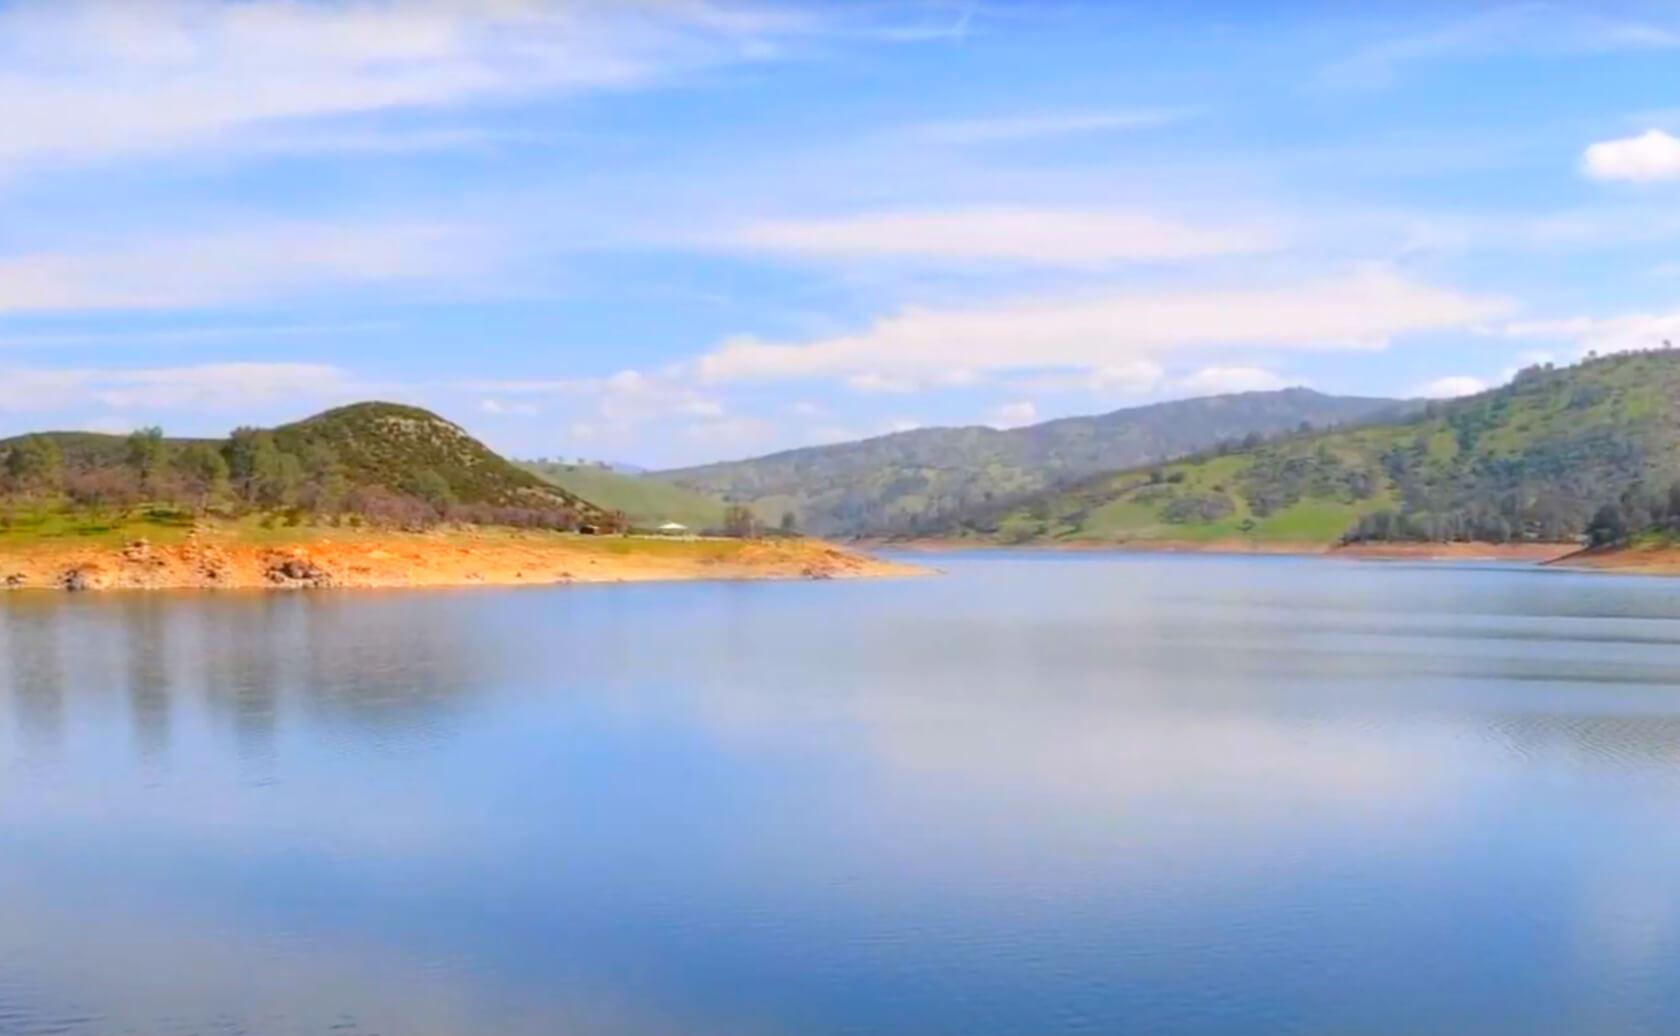 New-Hogan-Lake-Fishing-Guide-Report-California-03